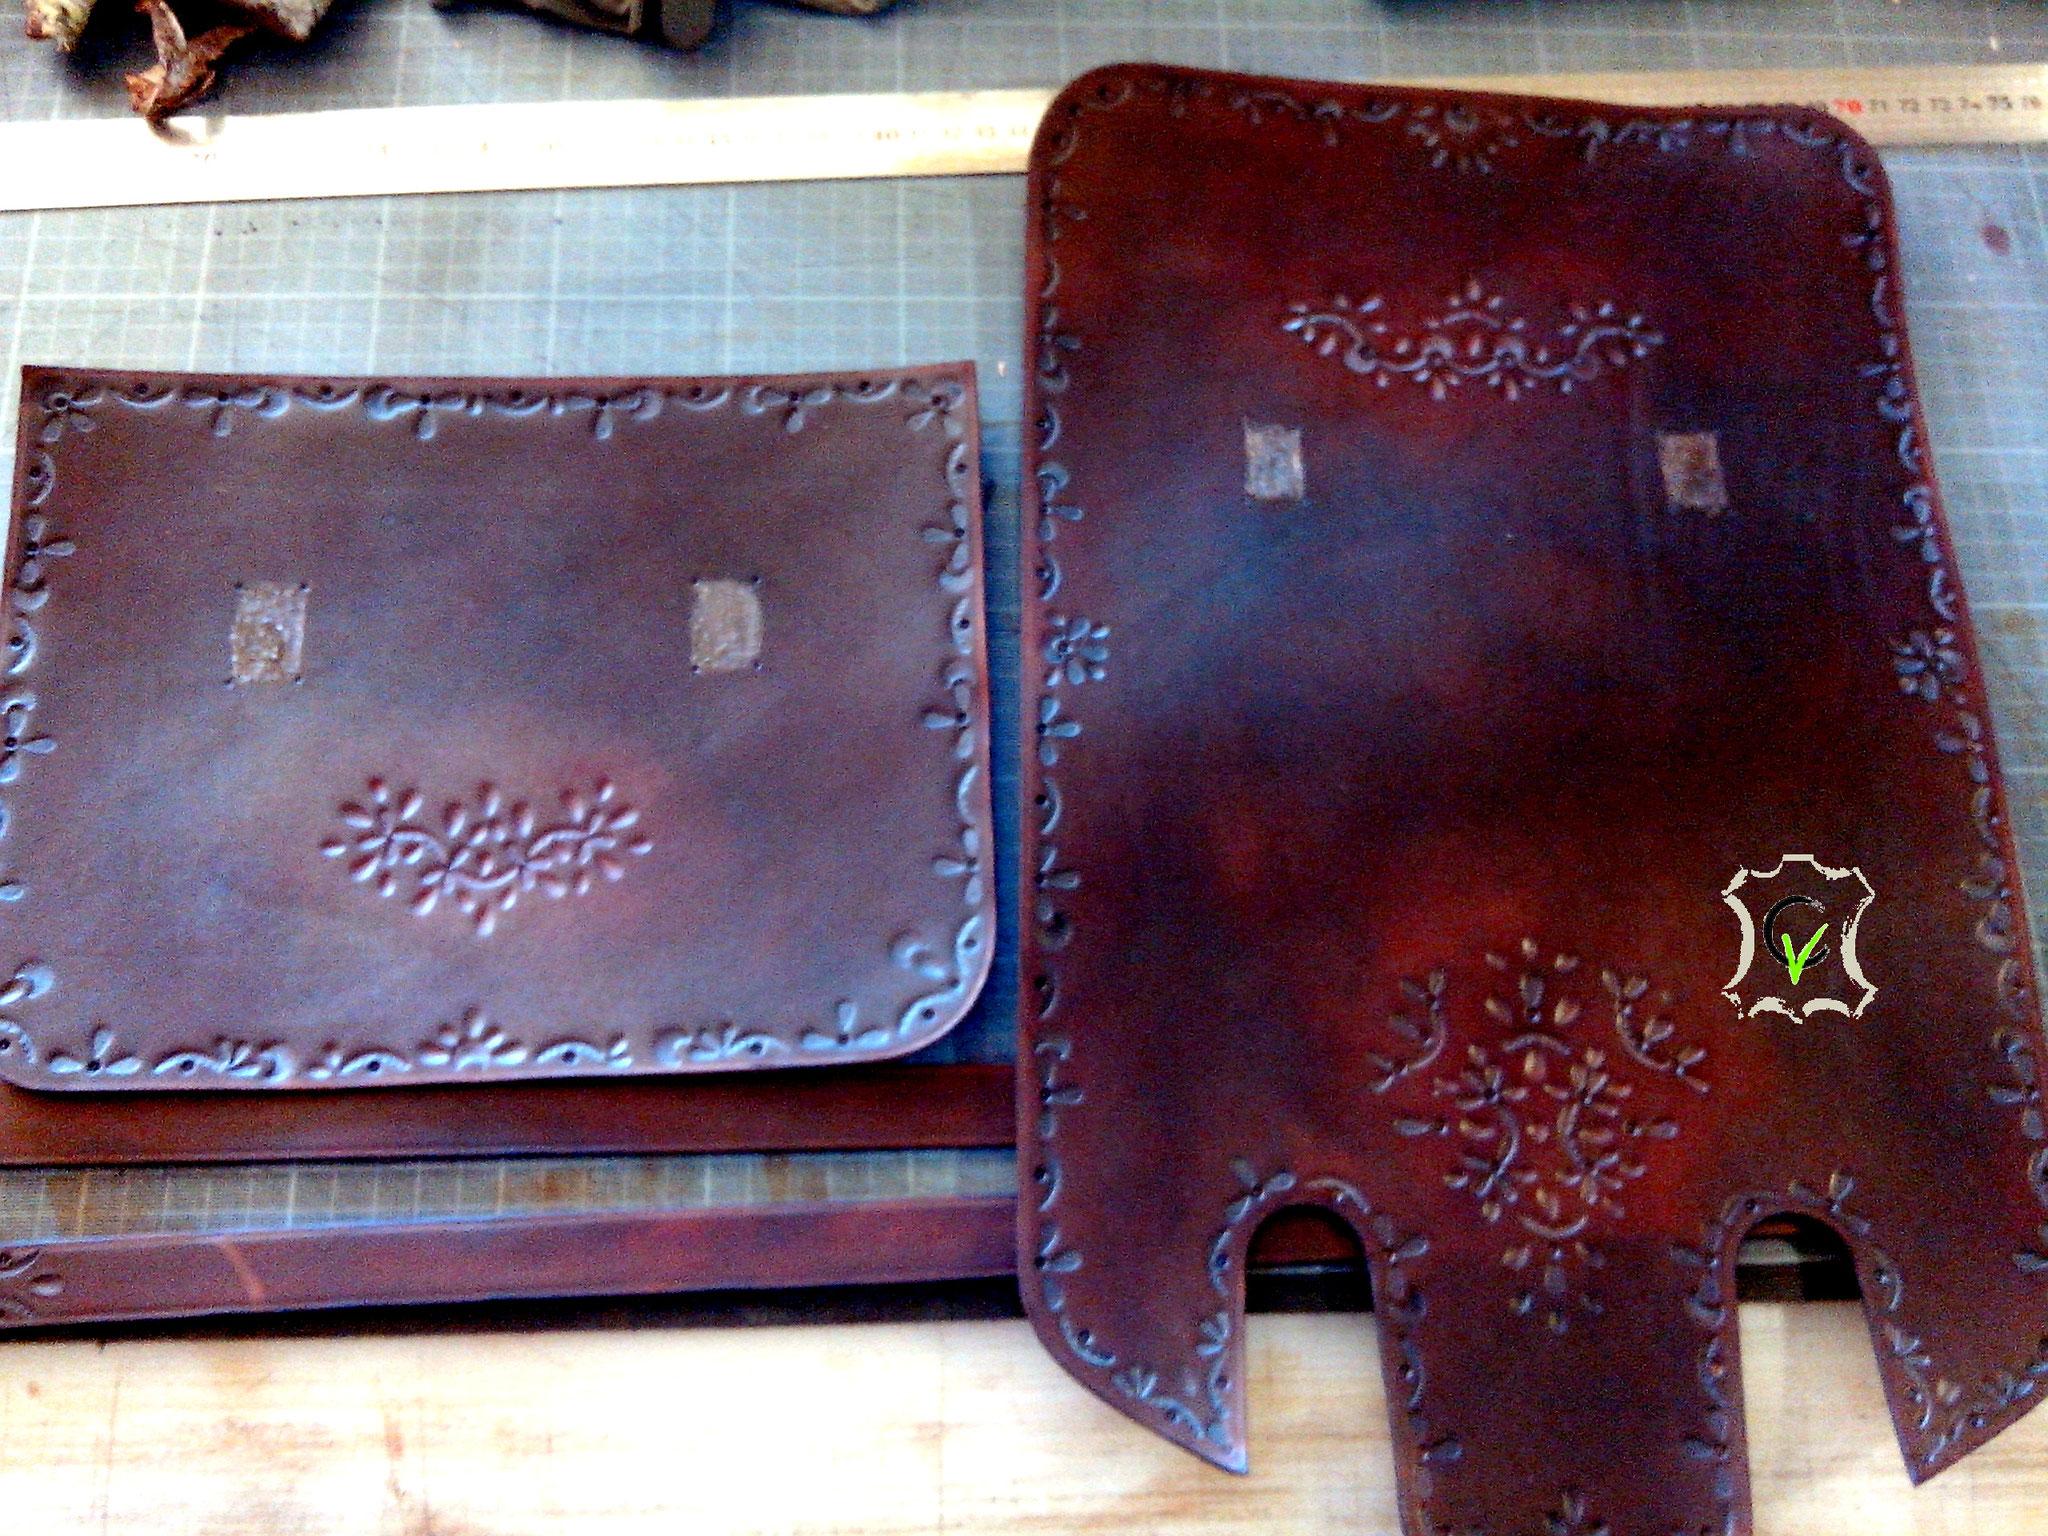 sac à main en cuir tannage végétal teinté brun avec motif par martelage en cours de montage